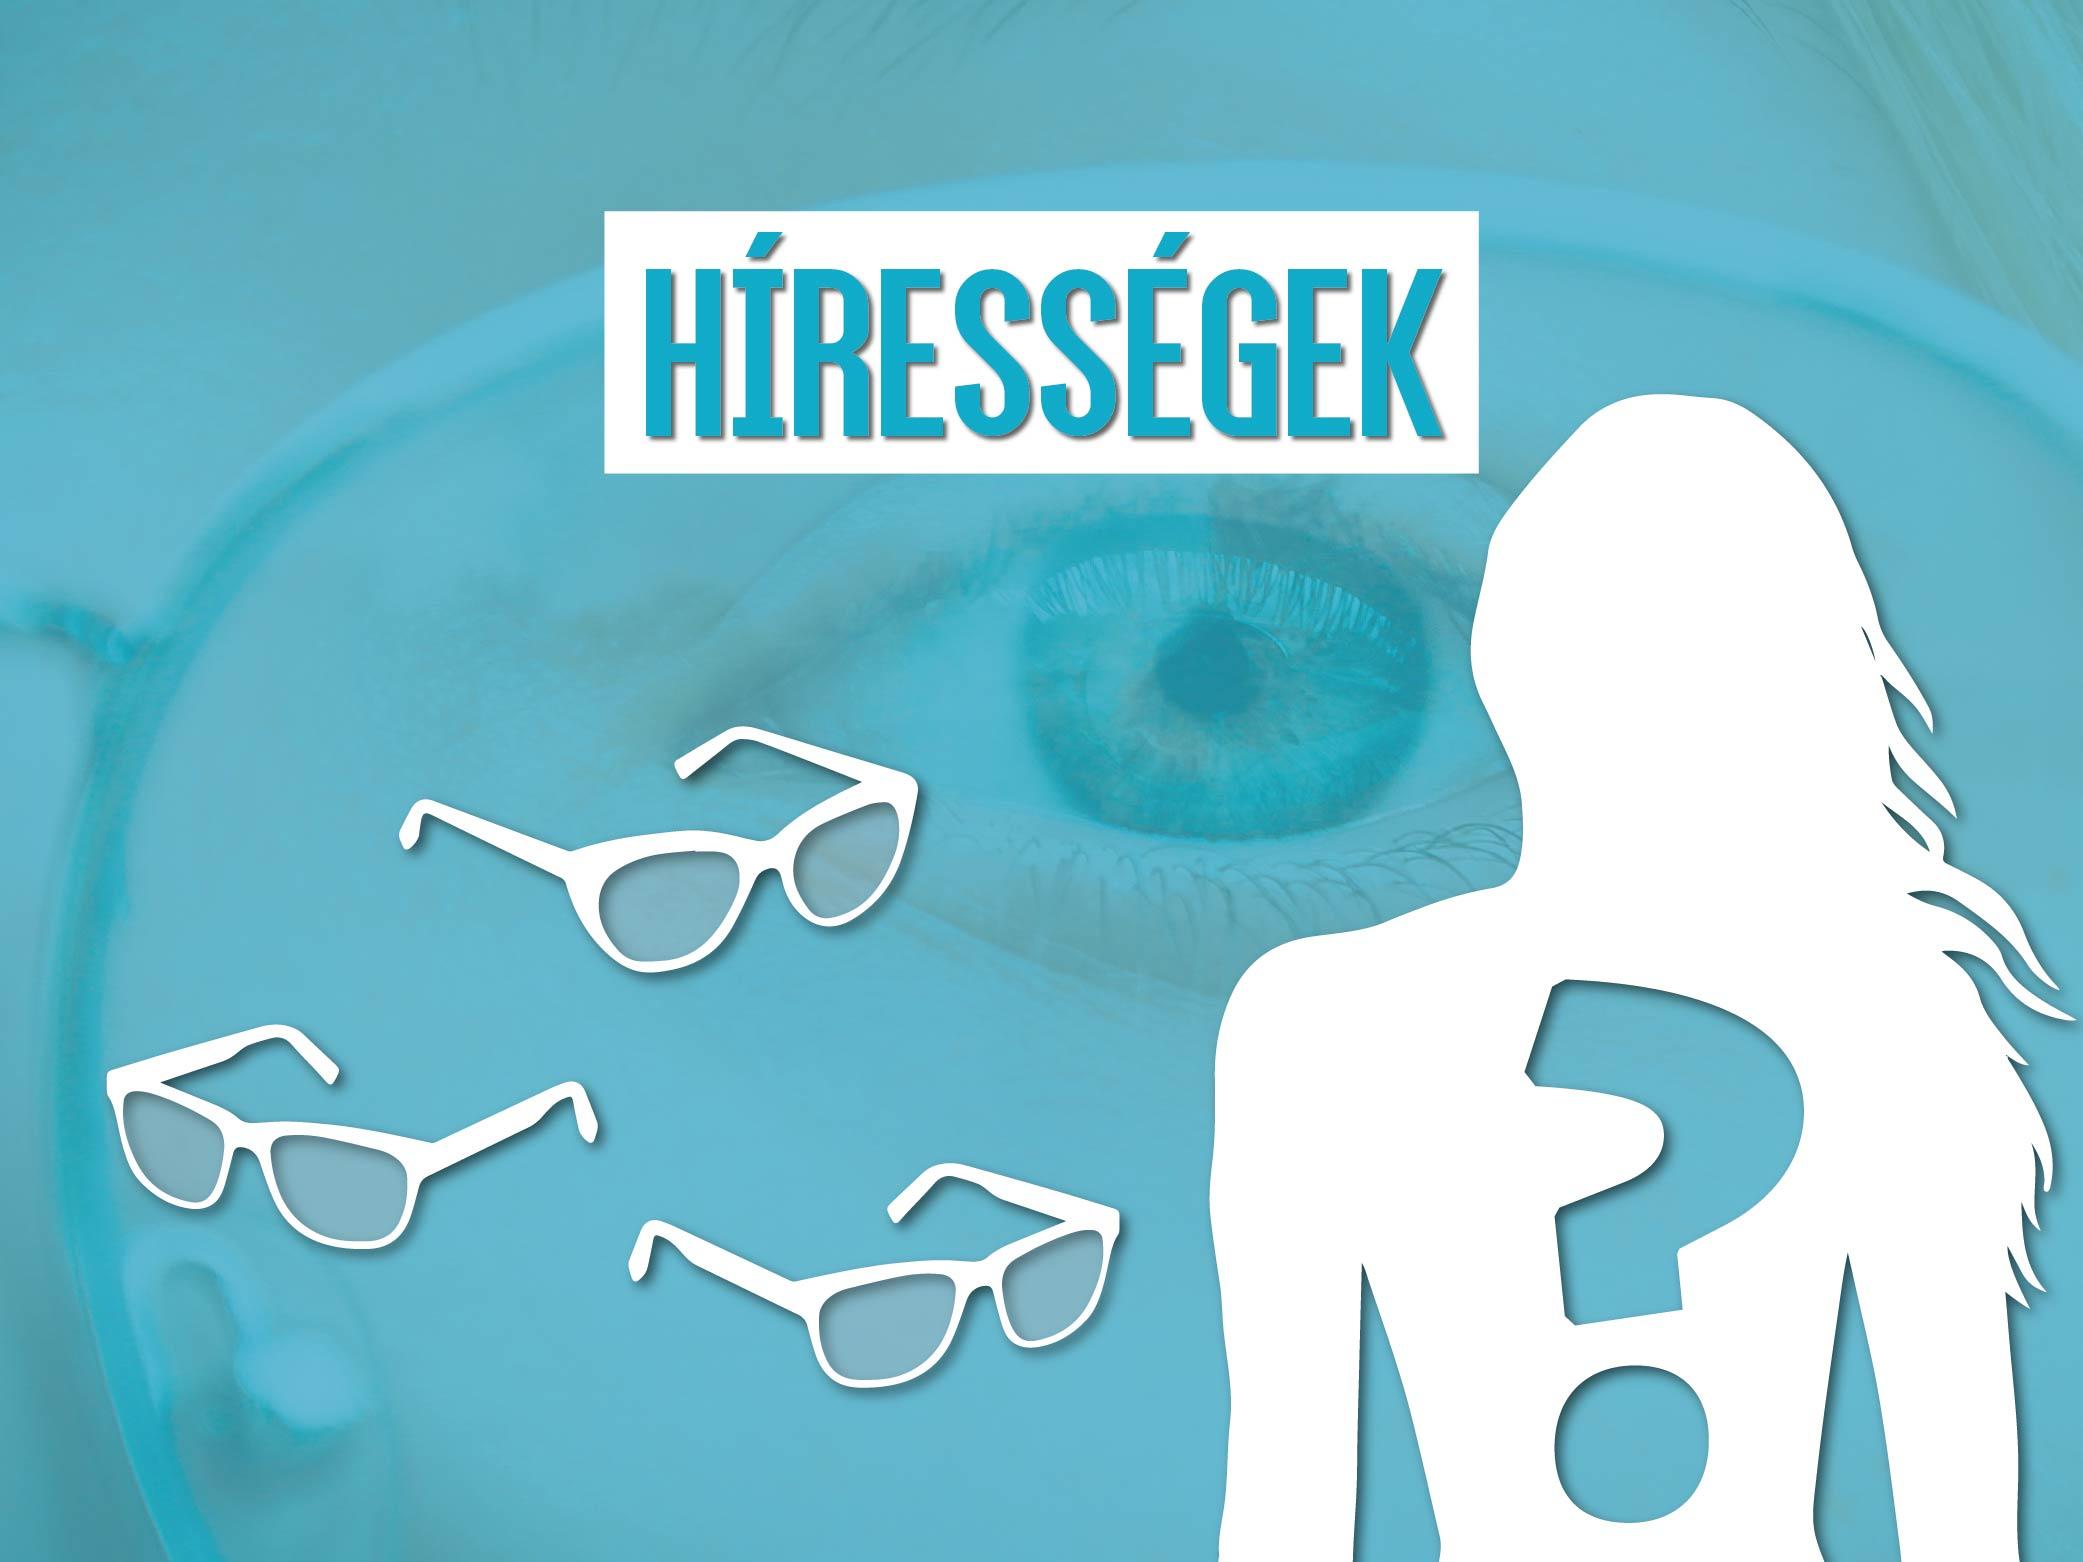 Szemüveges hírességek